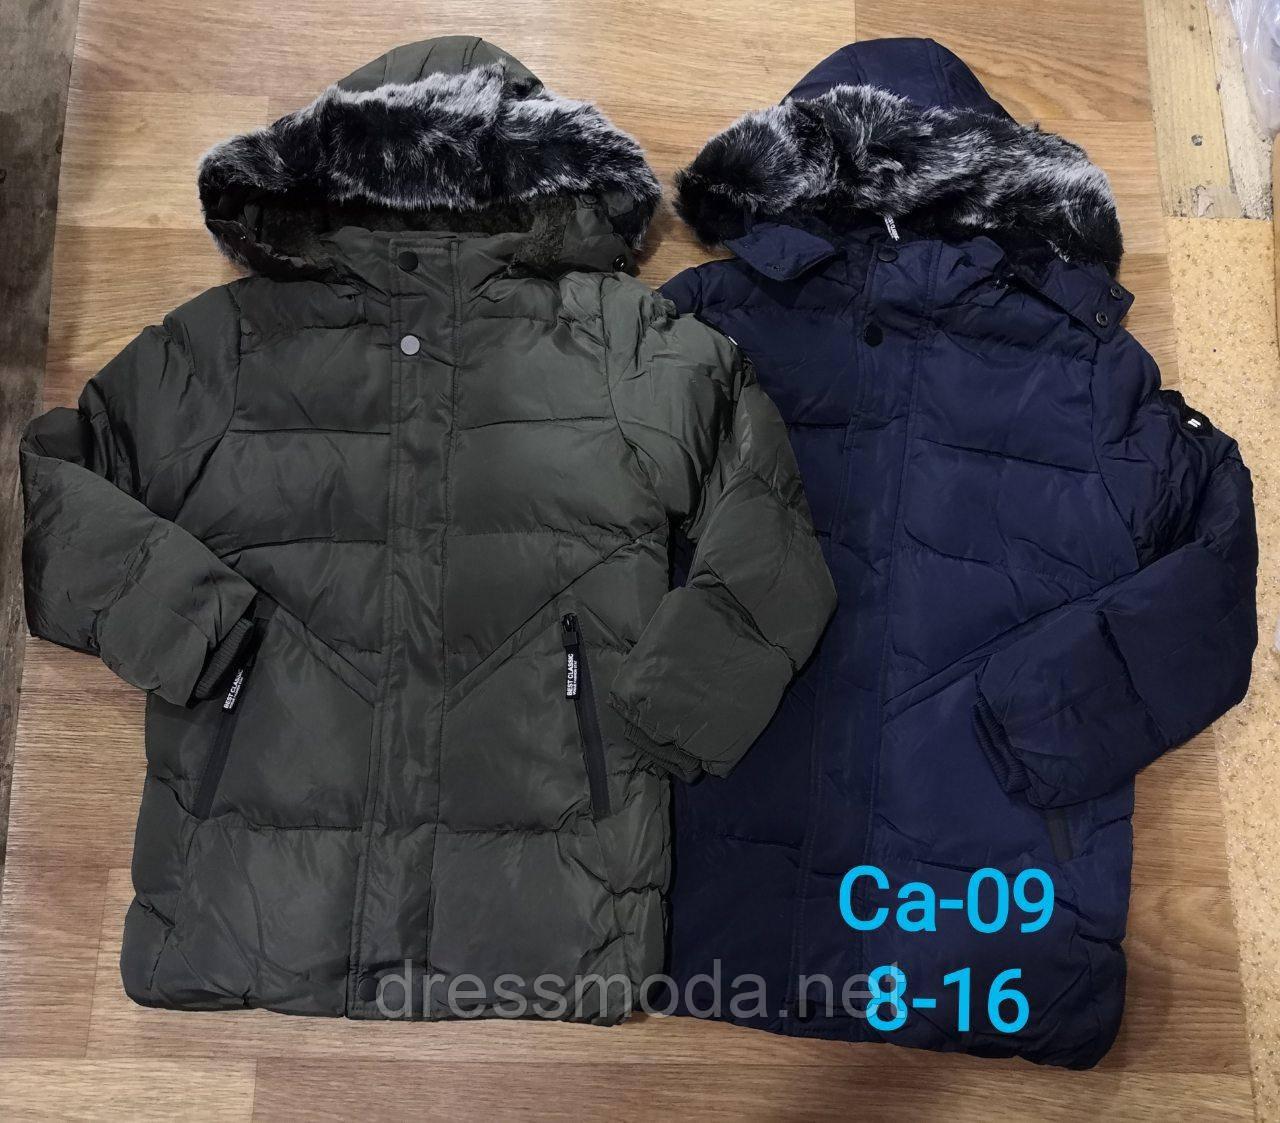 Куртка зимняя на меху для мальчиков Sincere 8-16 лет.